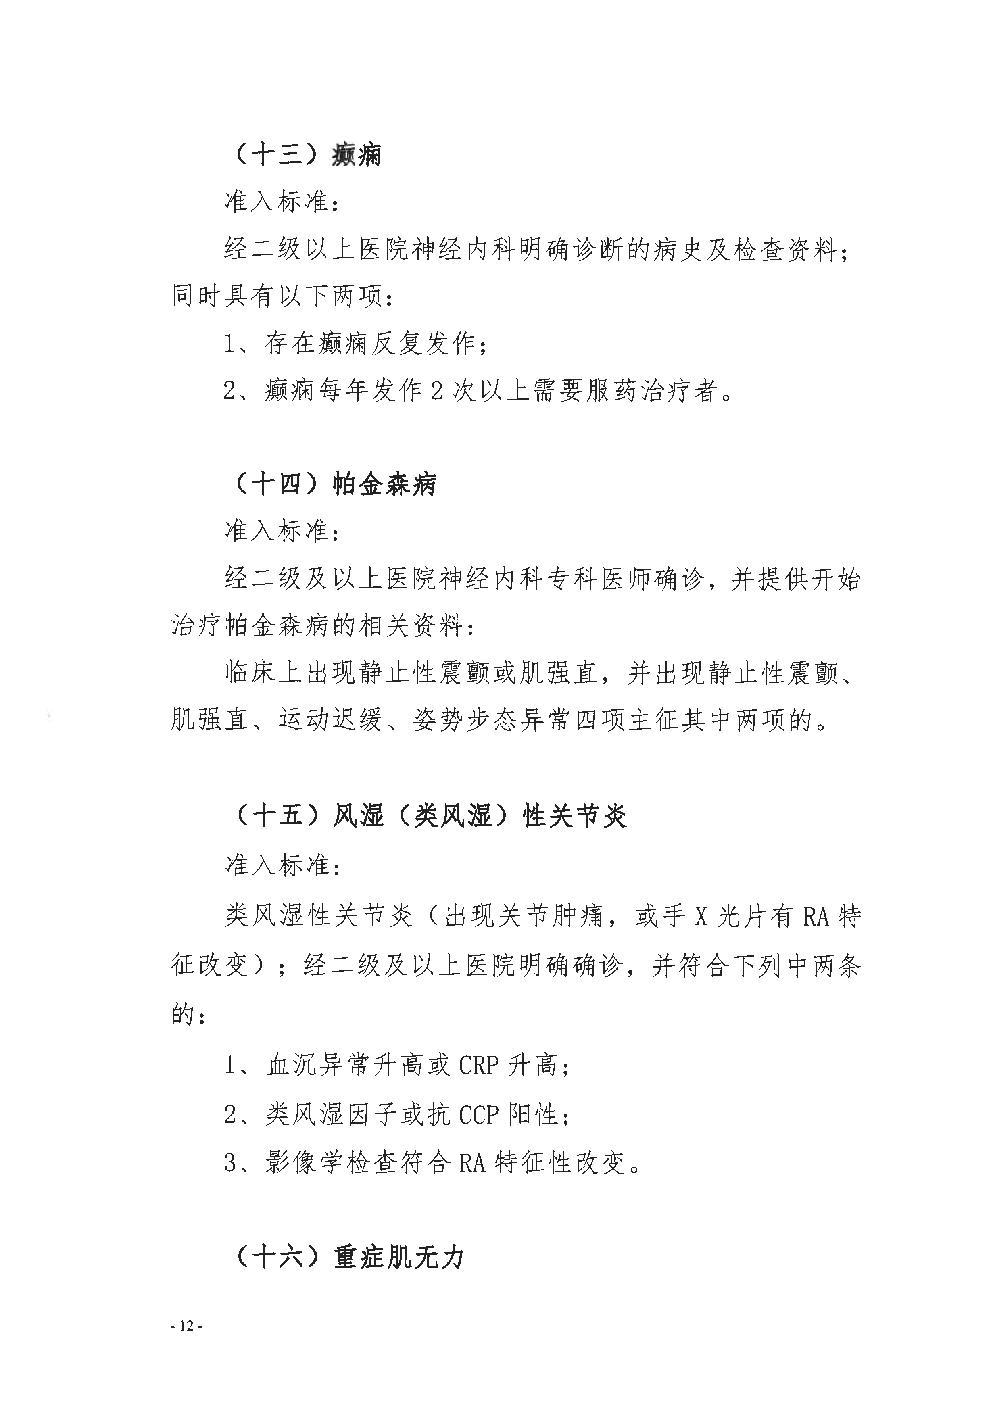 阜阳市城乡居民慢性病管理办法(1)_12.JPG